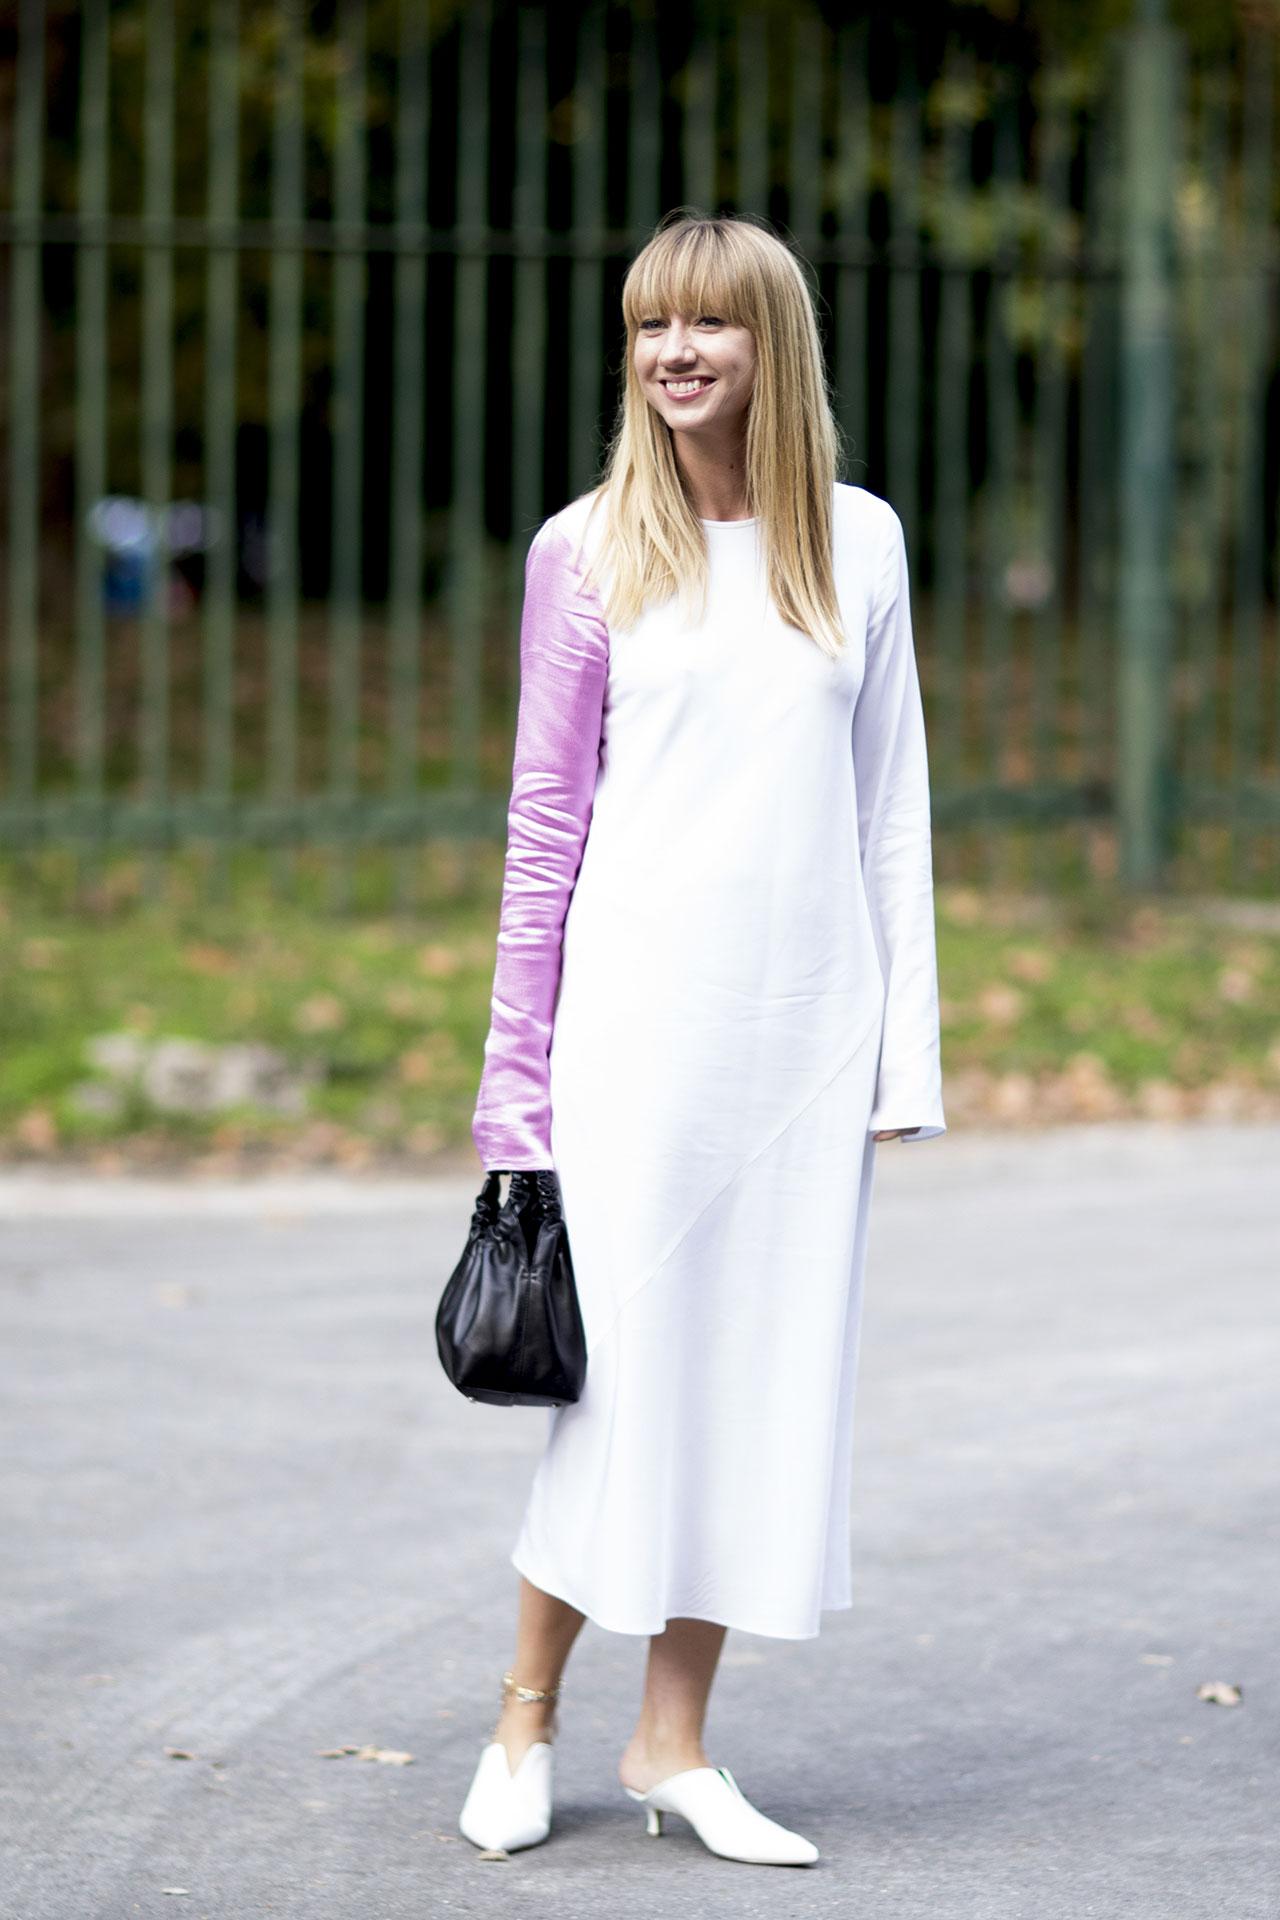 milan-fashion-week-street-style-spring-2018-lisa-aiken-the-row-black-bag-tibi-white-mules